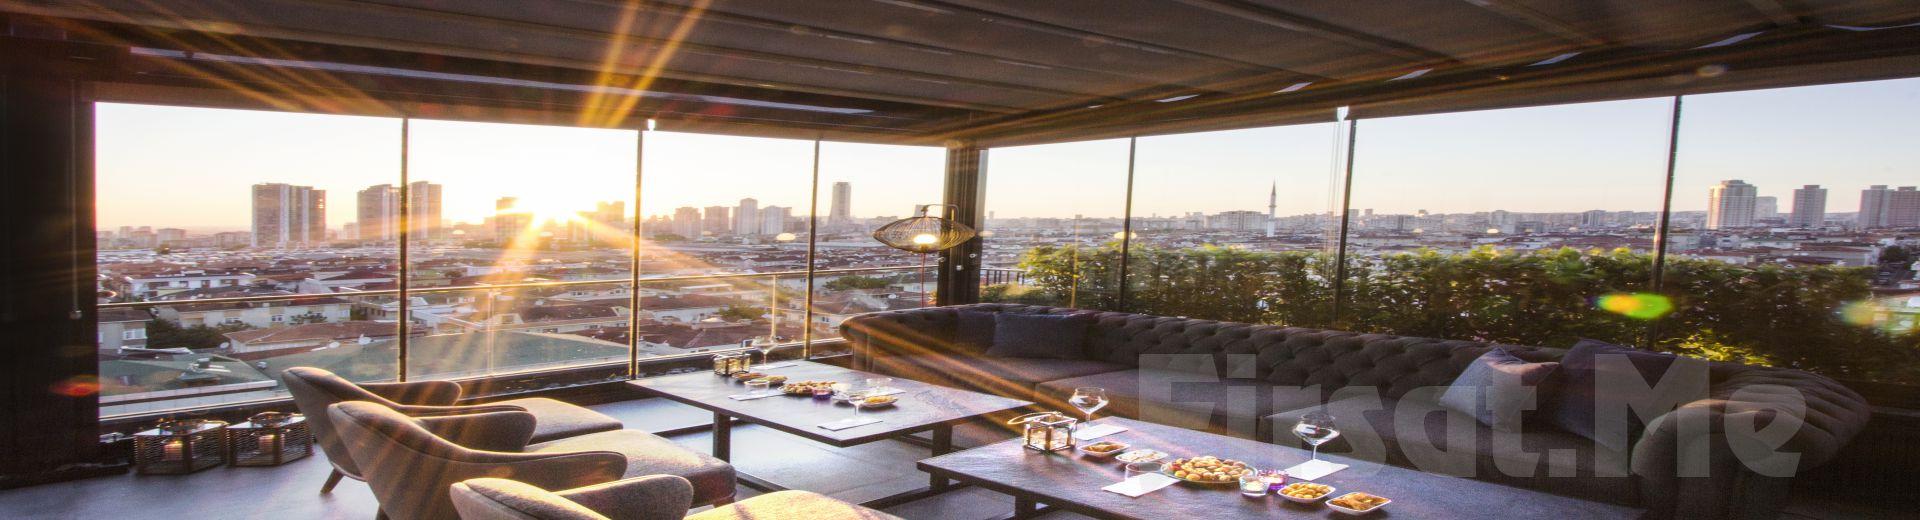 Adalar ve Panaromik İstanbul Manzaralı Cityloft Hotel Ataşehir Benjamin Terrace'da Lezzetli İftar Menüleri!